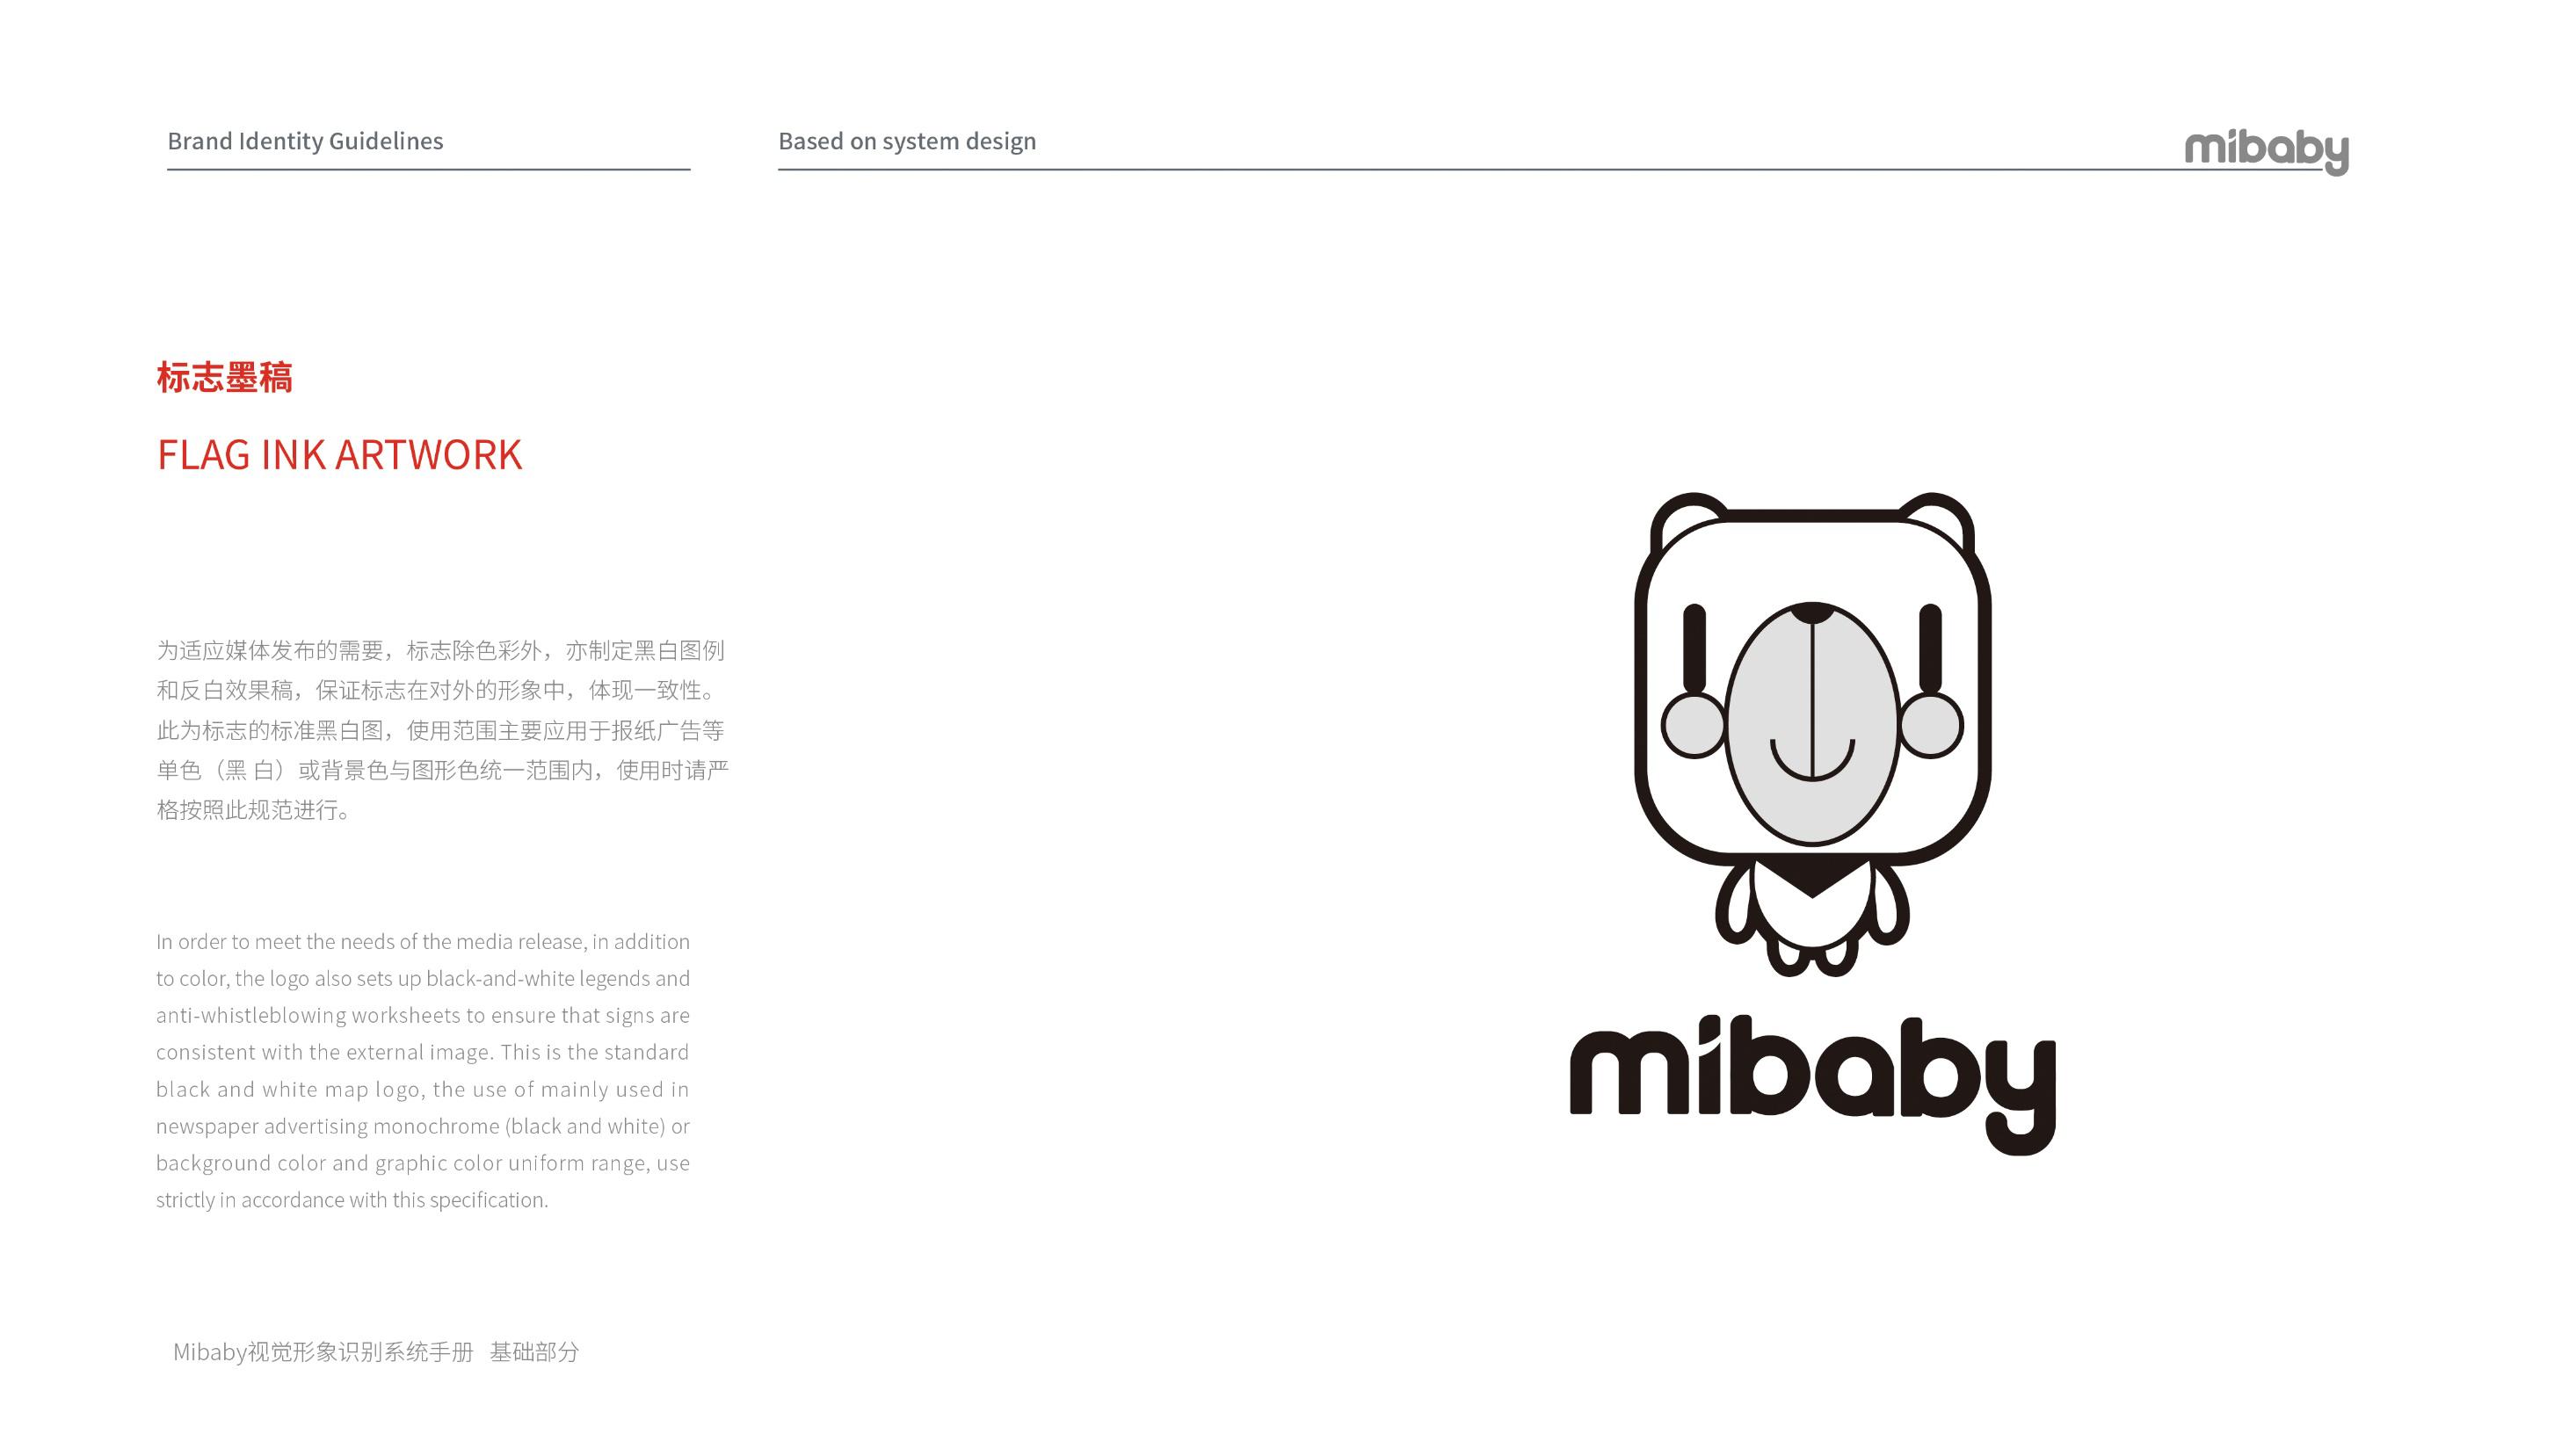 MIBABY-图片5